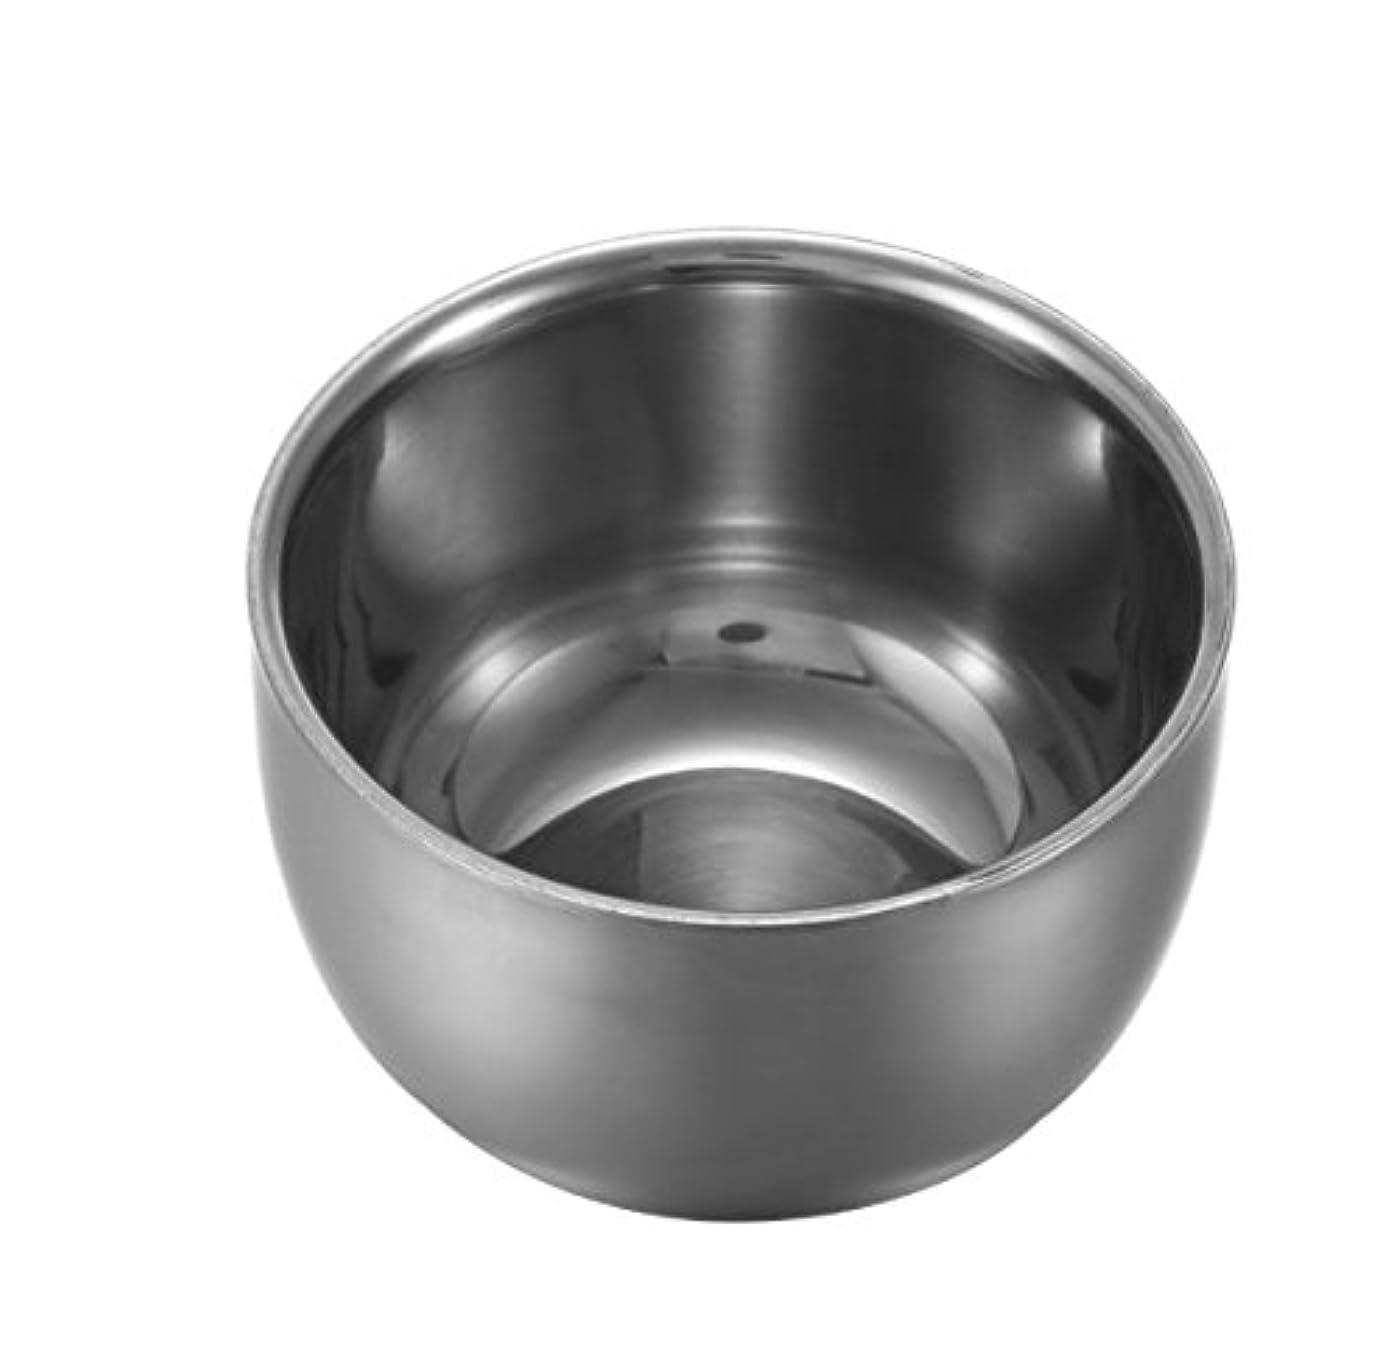 衣装キウイつぼみ7.5cm Stainless Steel Shaving Bowl Barber Beard Razor Cup For Shave Brush Male Face Cleaning Soap Mug Tool